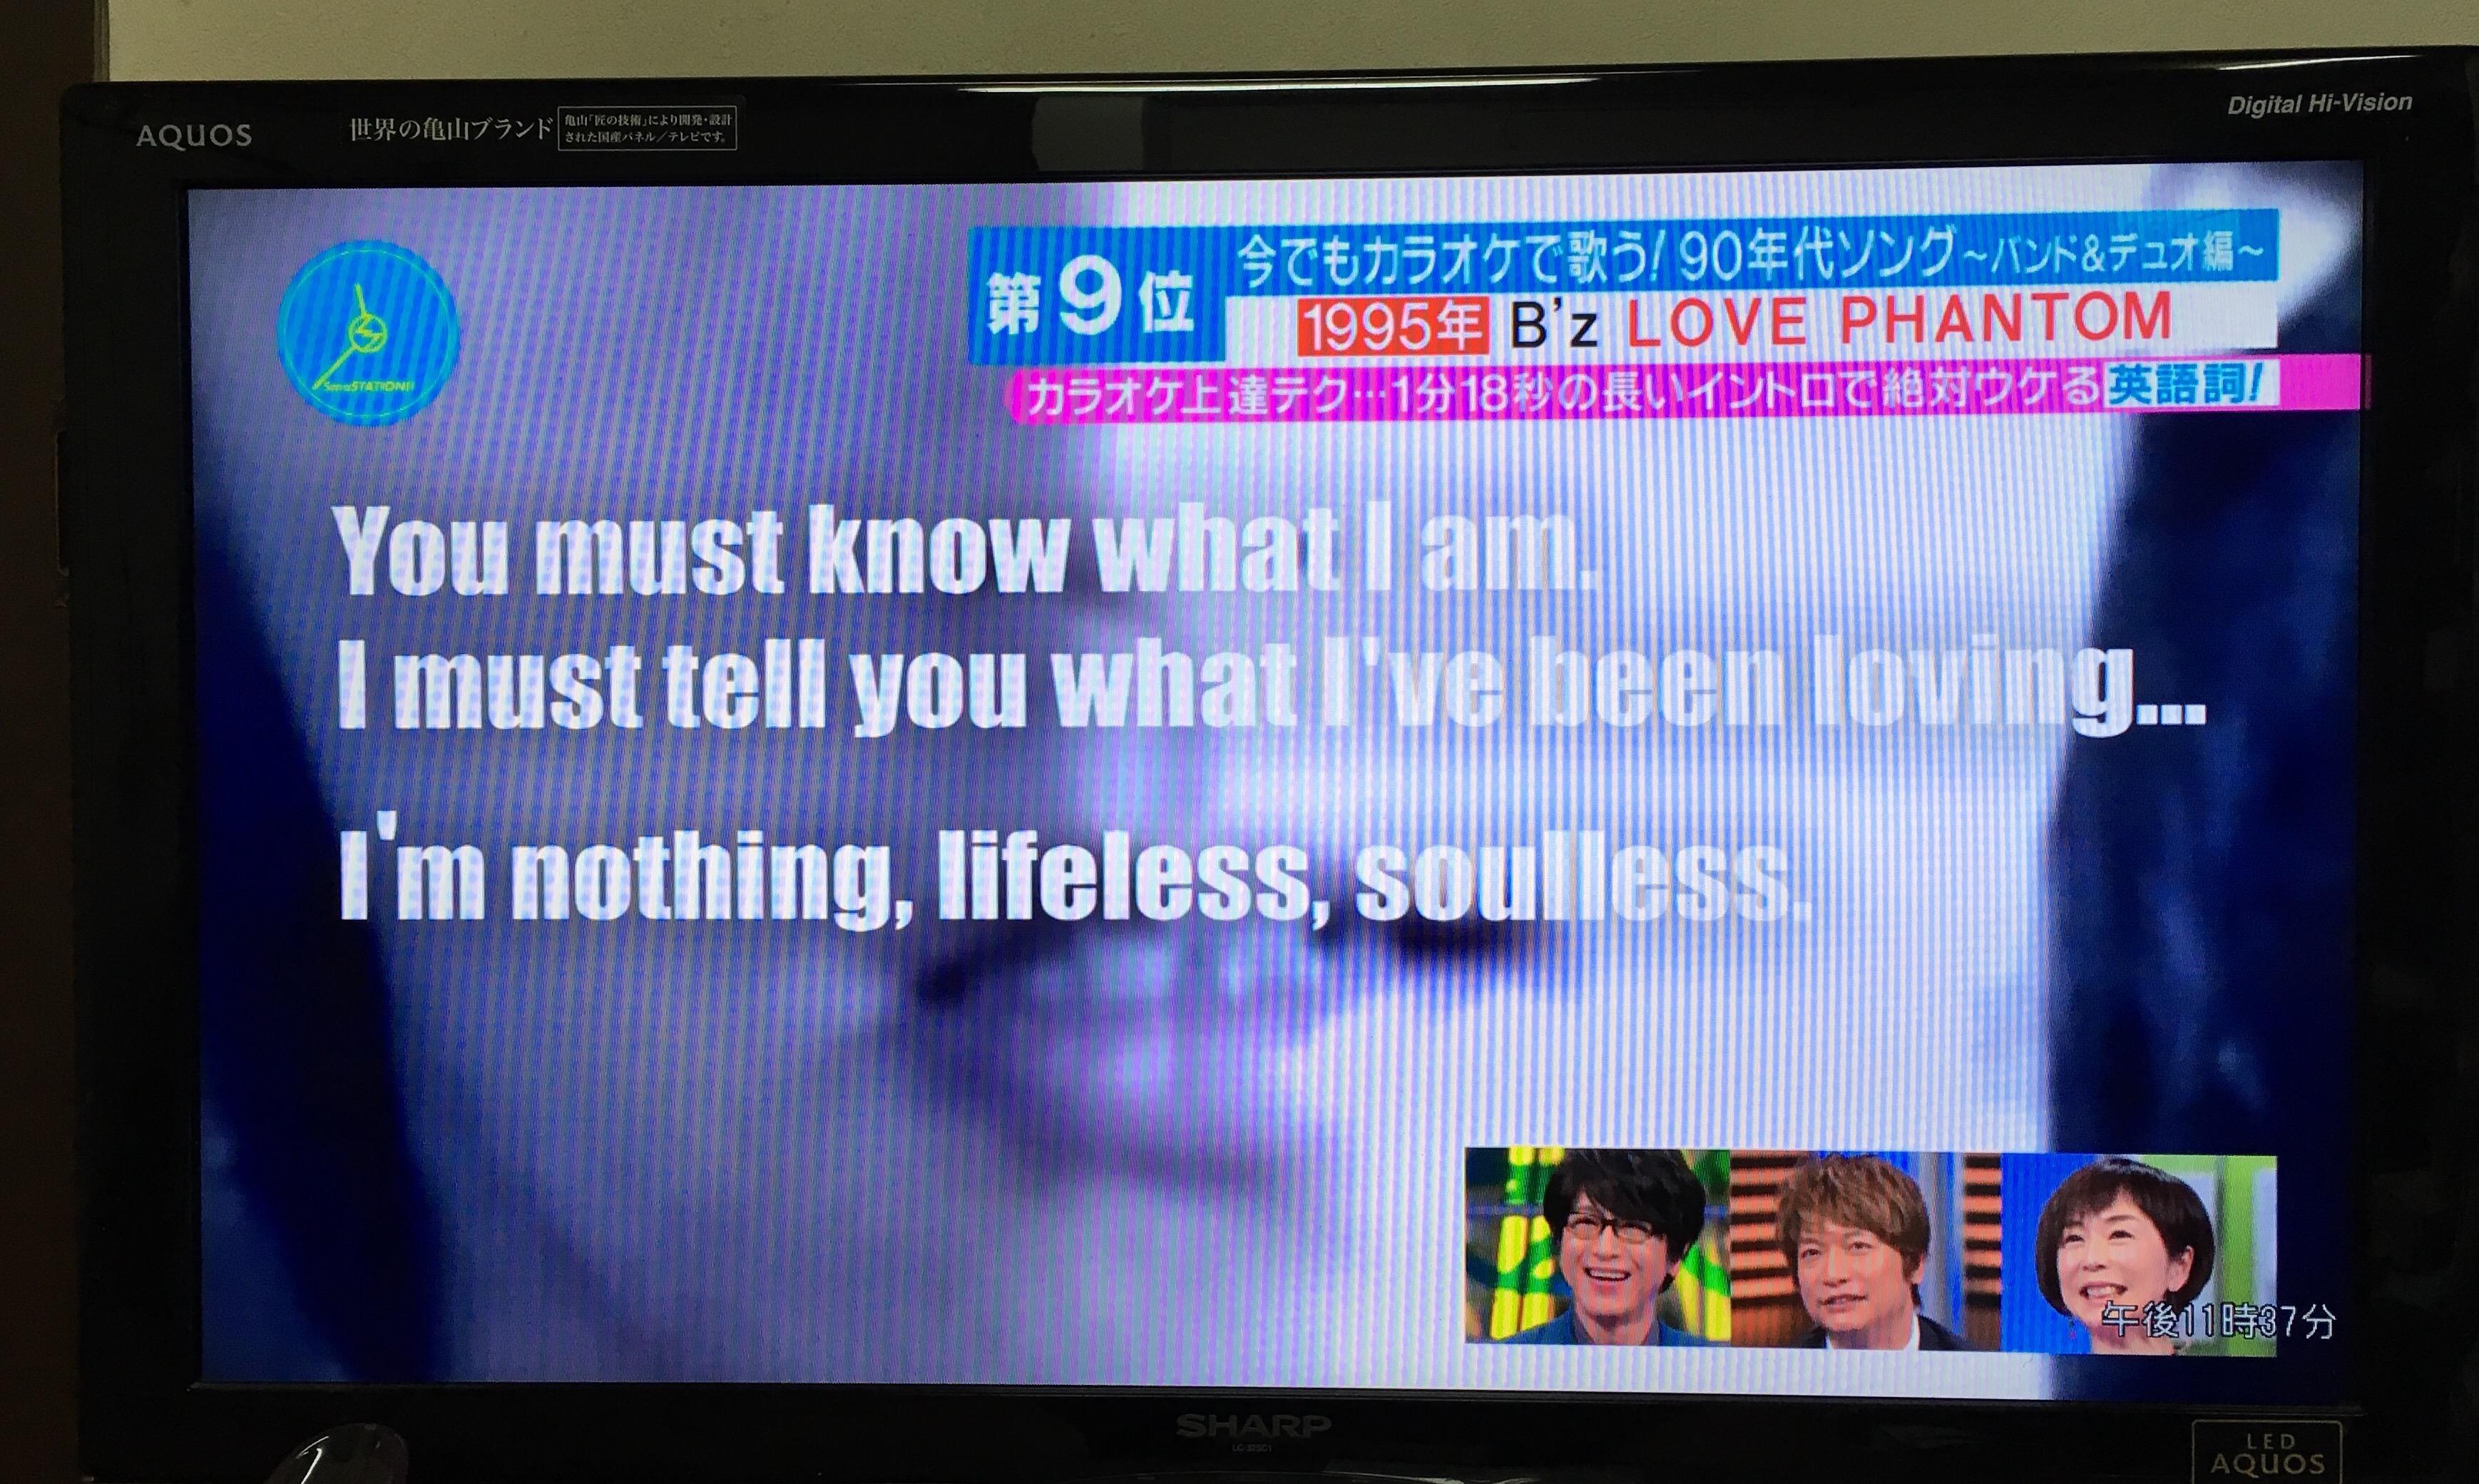 B'zの名曲「LOVE PHANTOM」の出だしの歌詞がわかった!